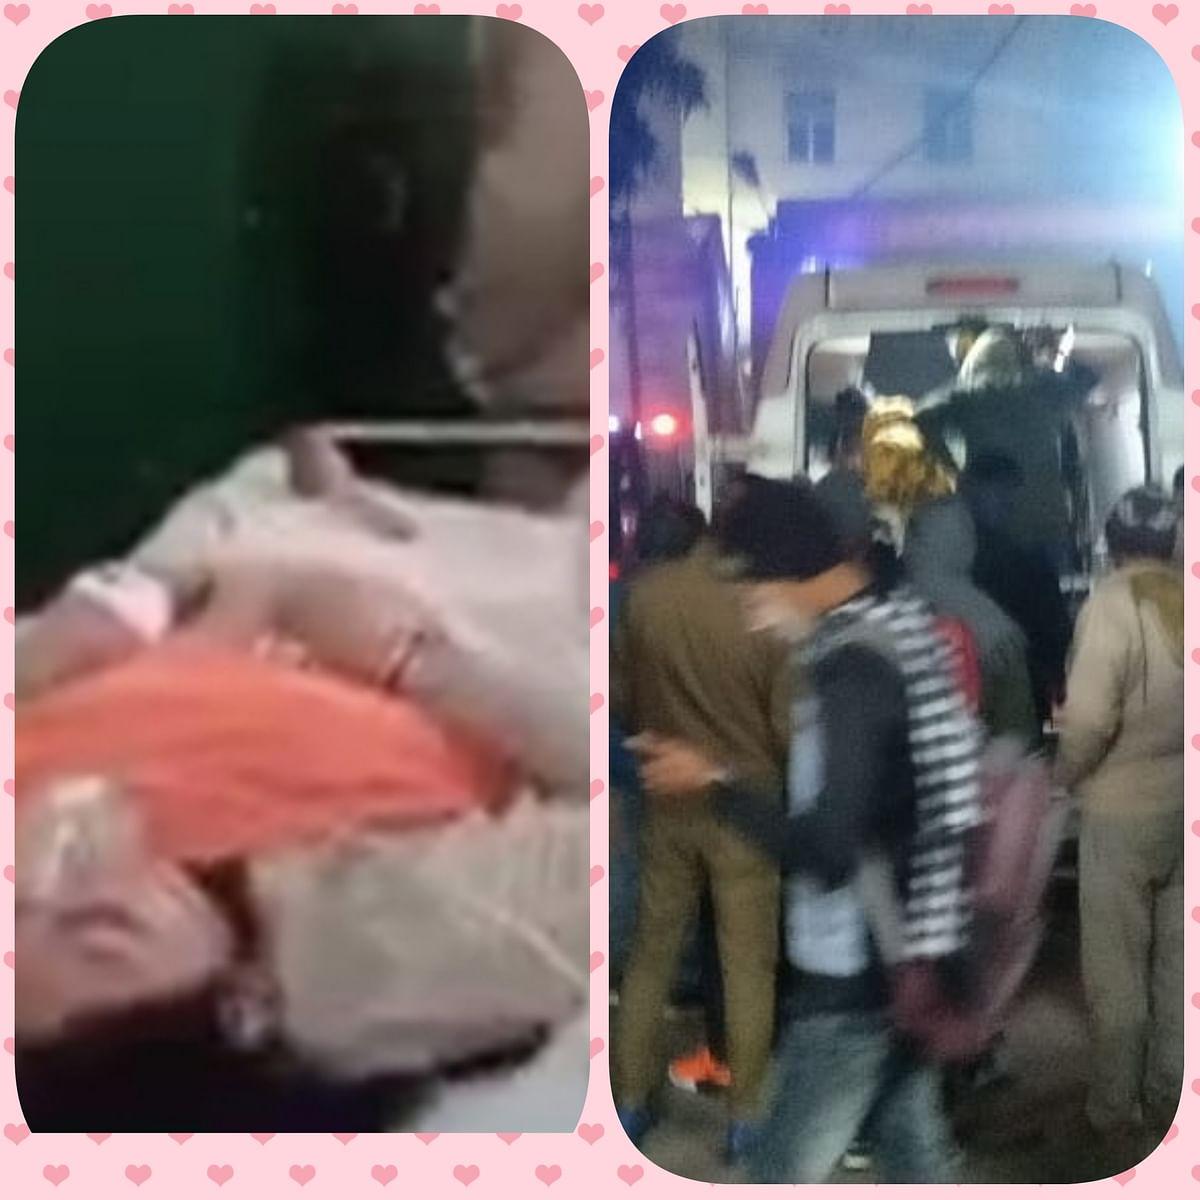 सीतापुर : संदिग्ध हालात में दो बच्चों की मौत, मां-बेटे की हालत नाजुक